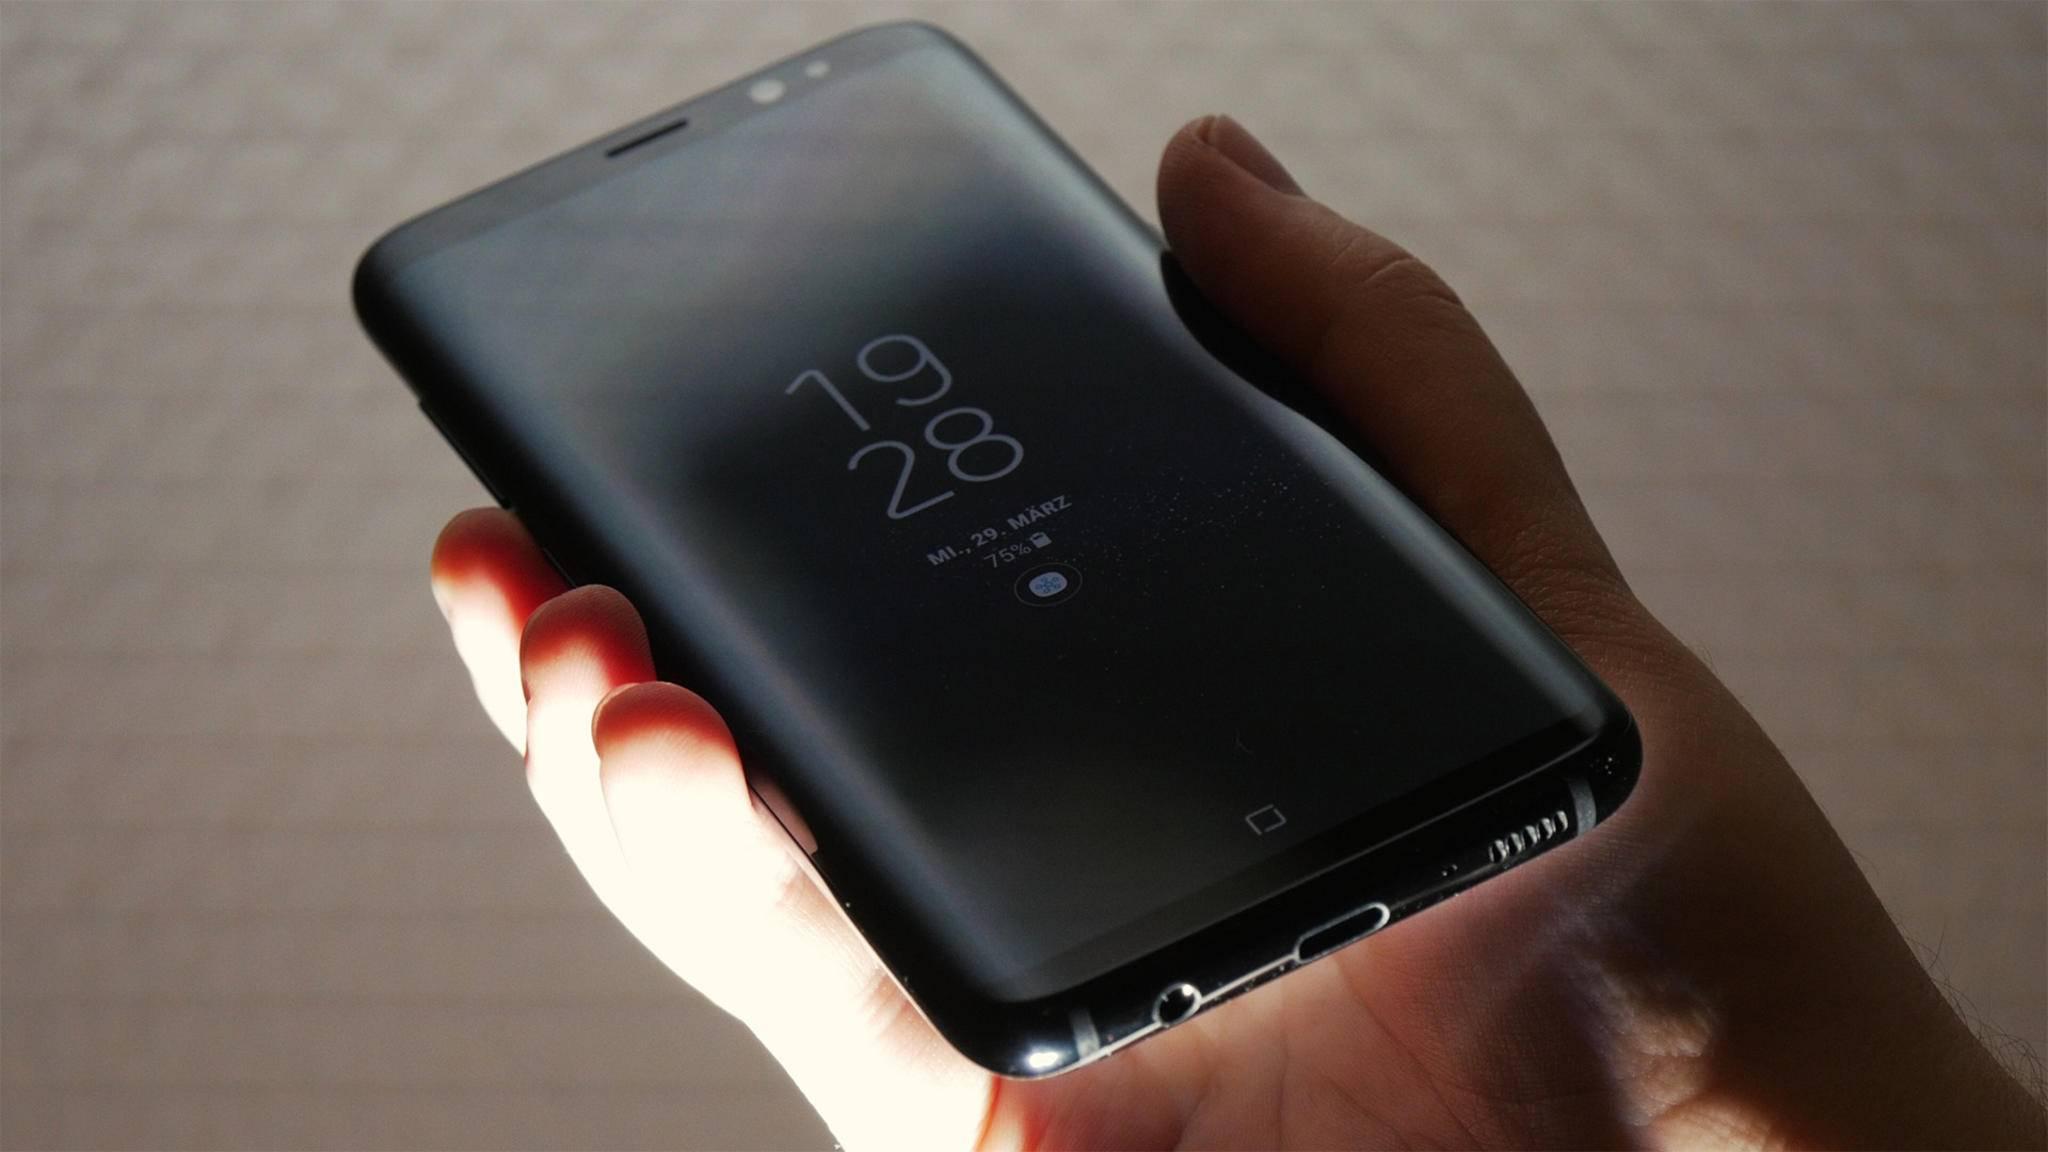 Die chinesische Version des Galaxy S8 ist stärker als das europäische Modell.